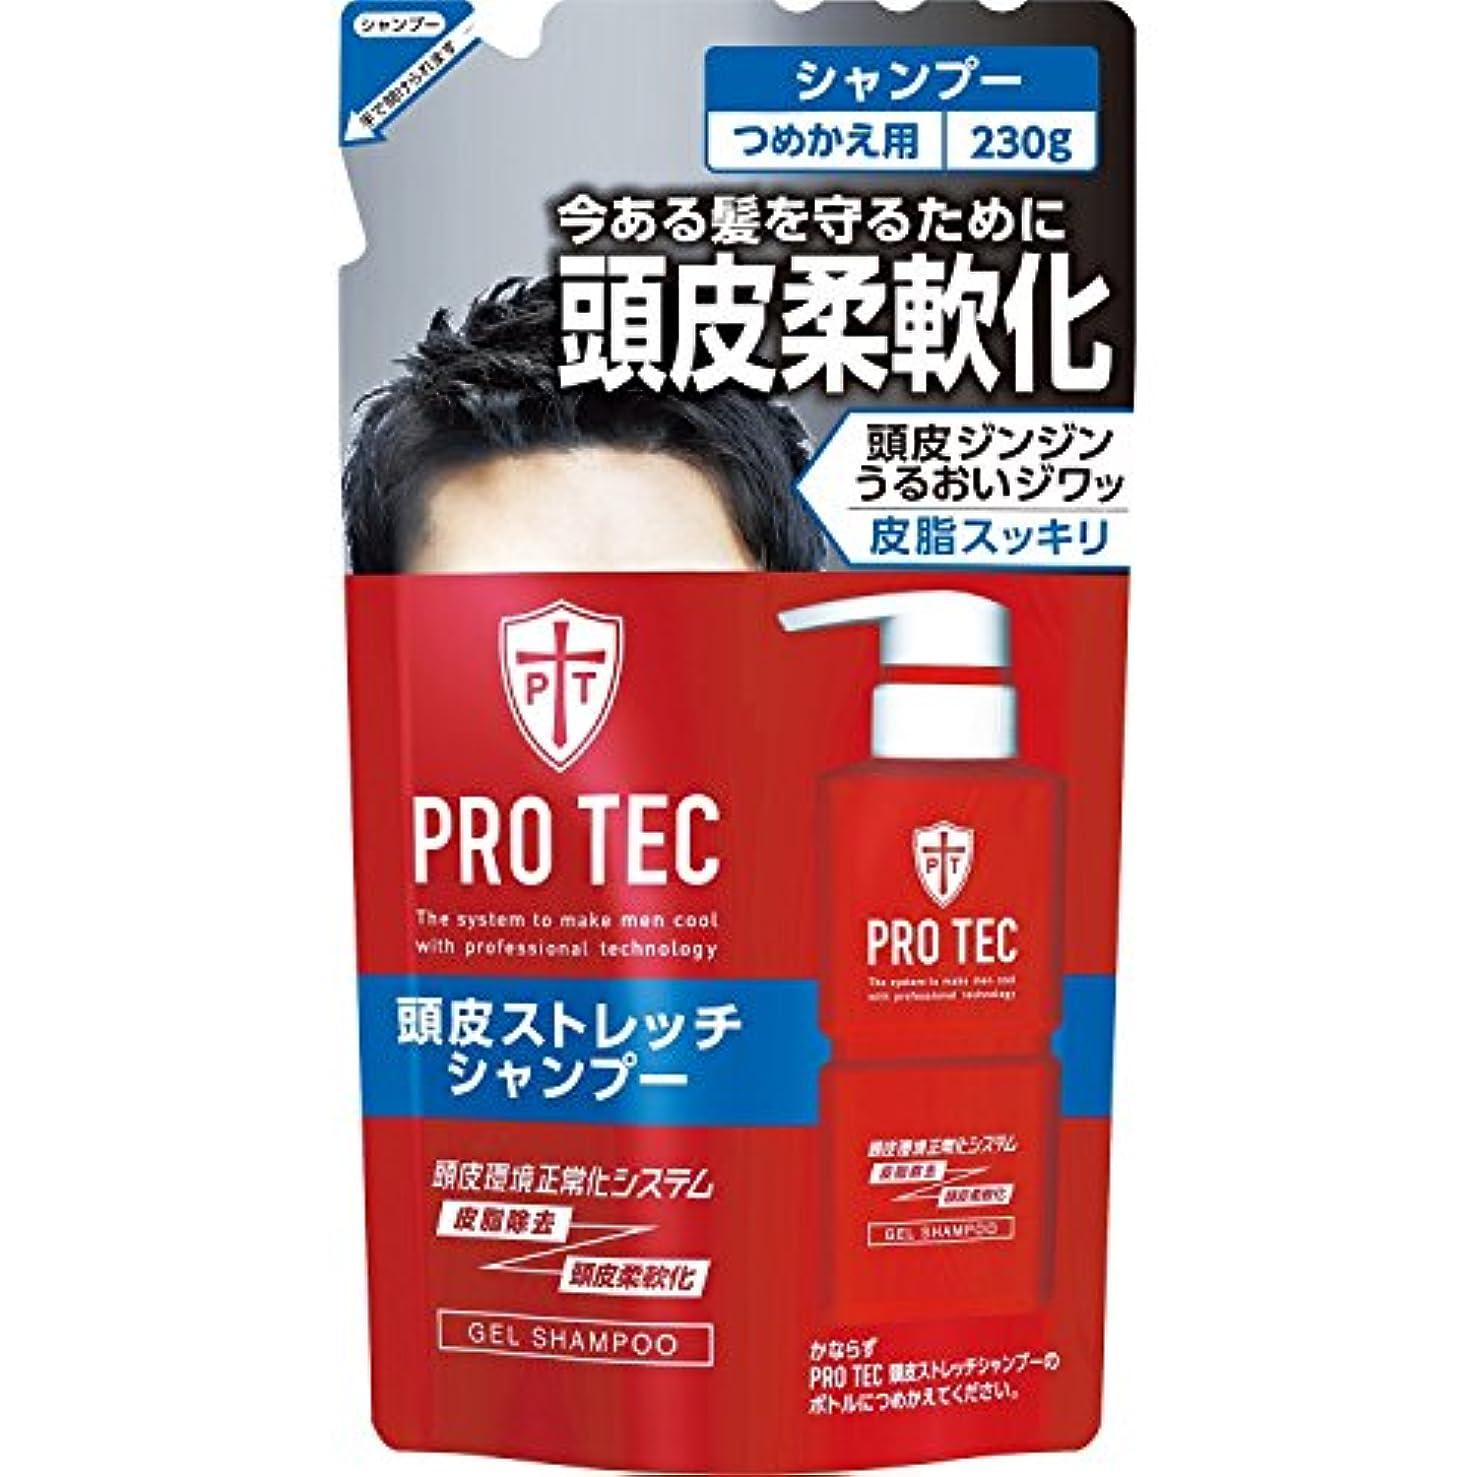 アルカイックそばに排除するPRO TEC(プロテク) 頭皮ストレッチ シャンプー 詰め替え 230g(医薬部外品)